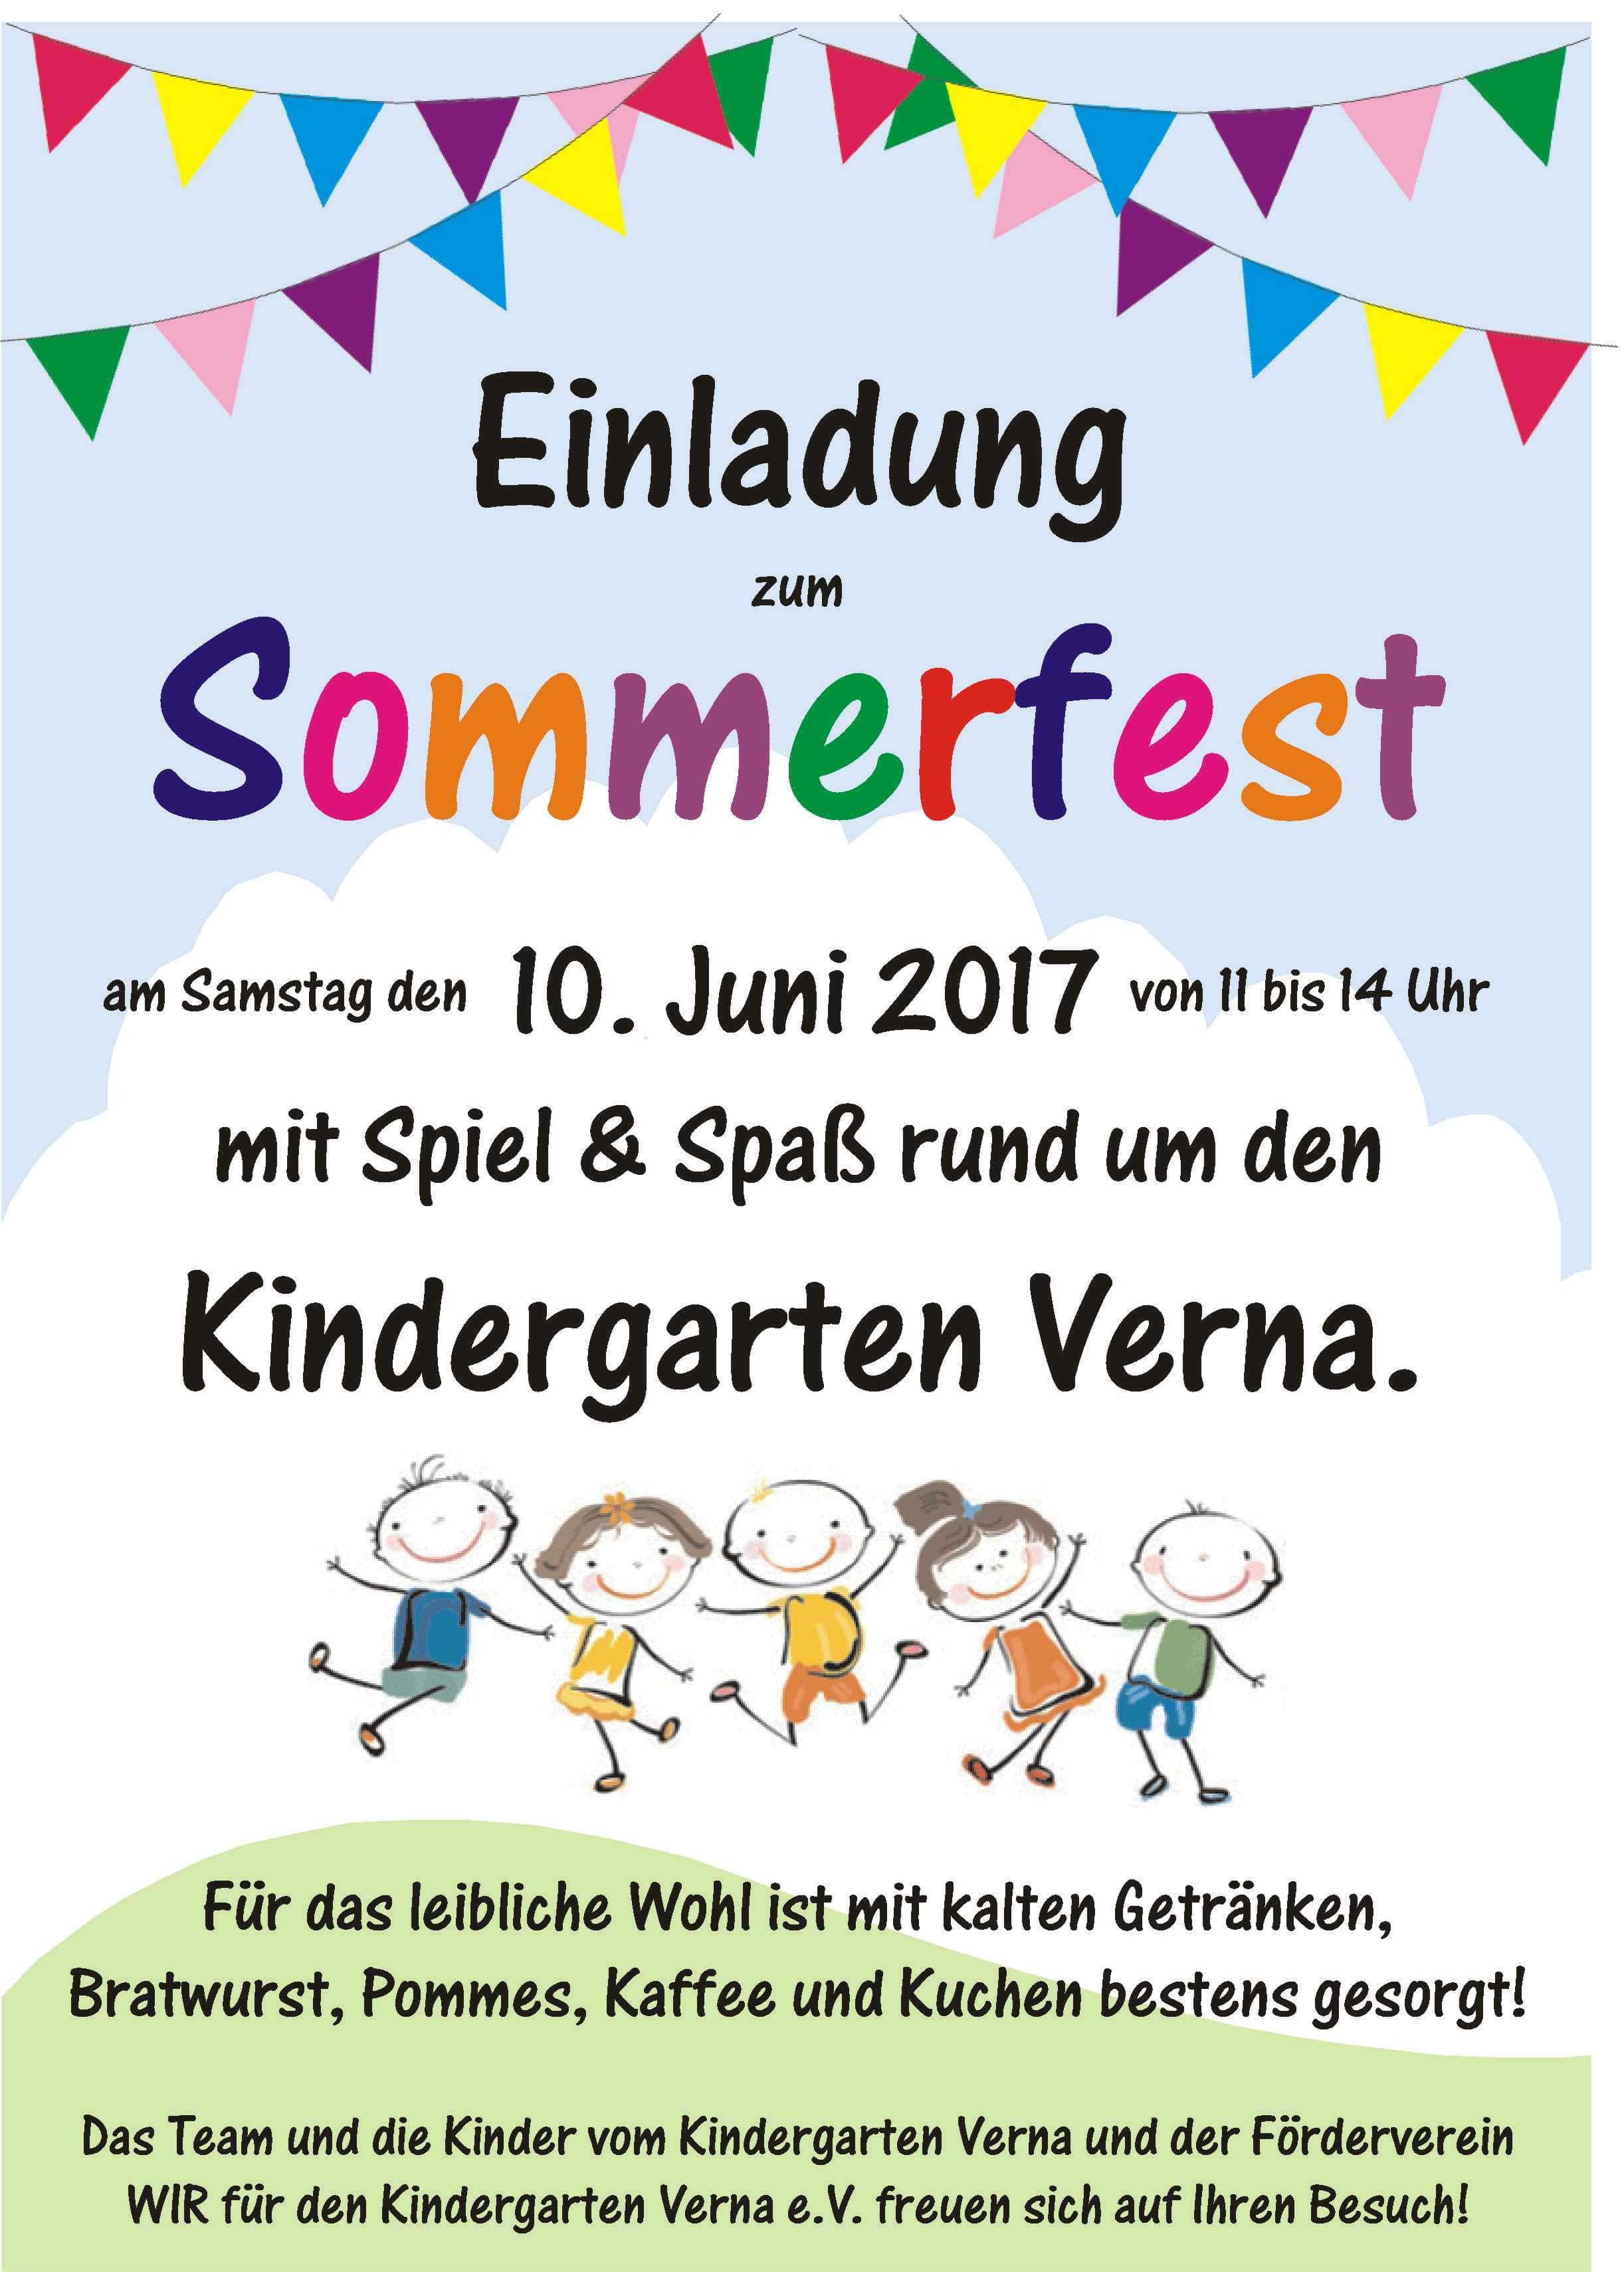 sommerfest 2017 - förderverein wir für den kindergarten verna e. v., Einladung